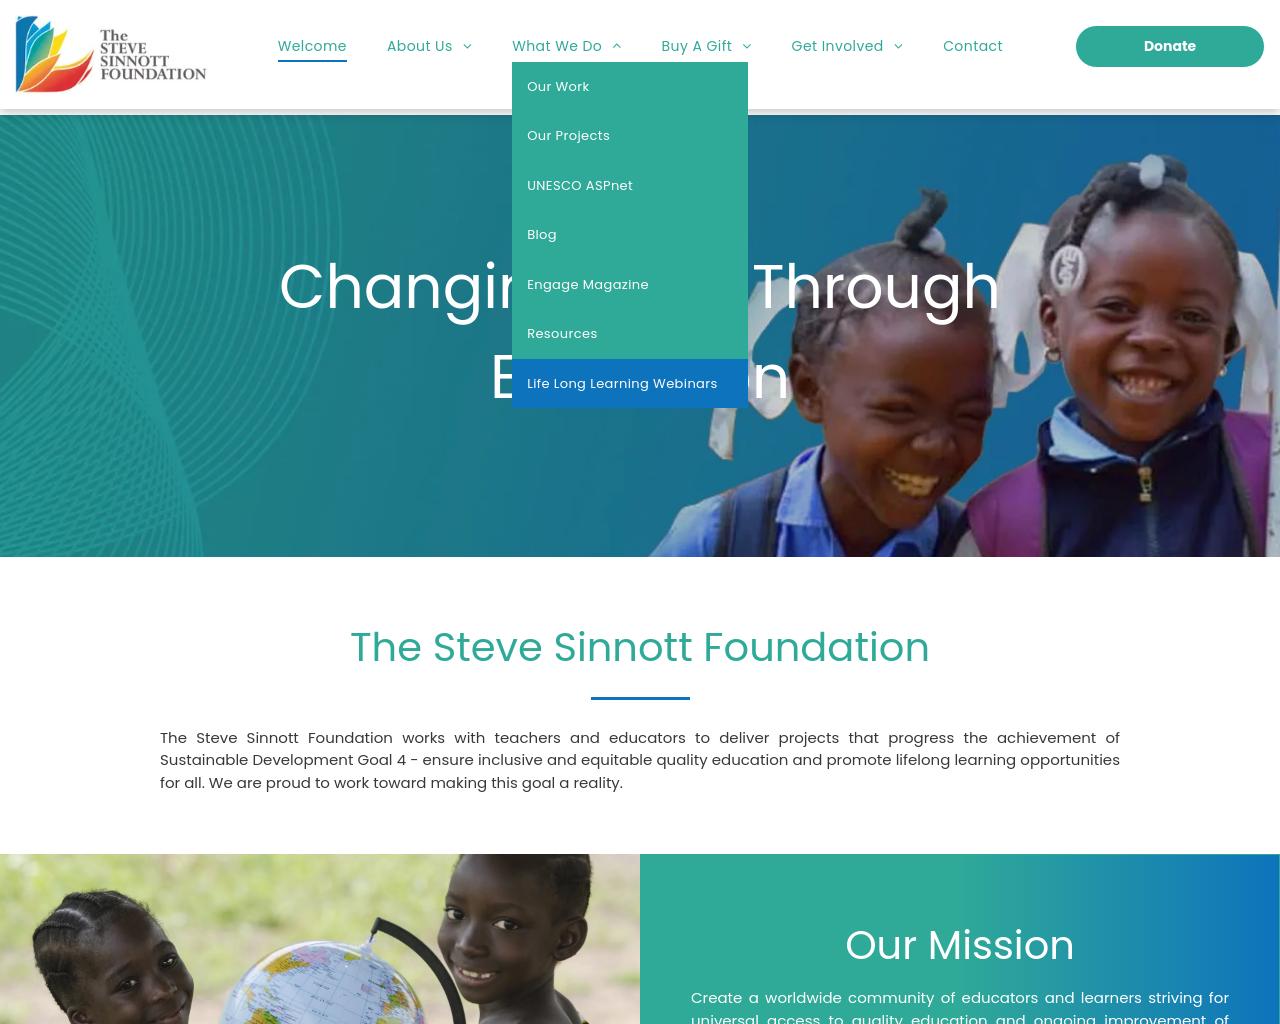 Steve Sinnott Foundation